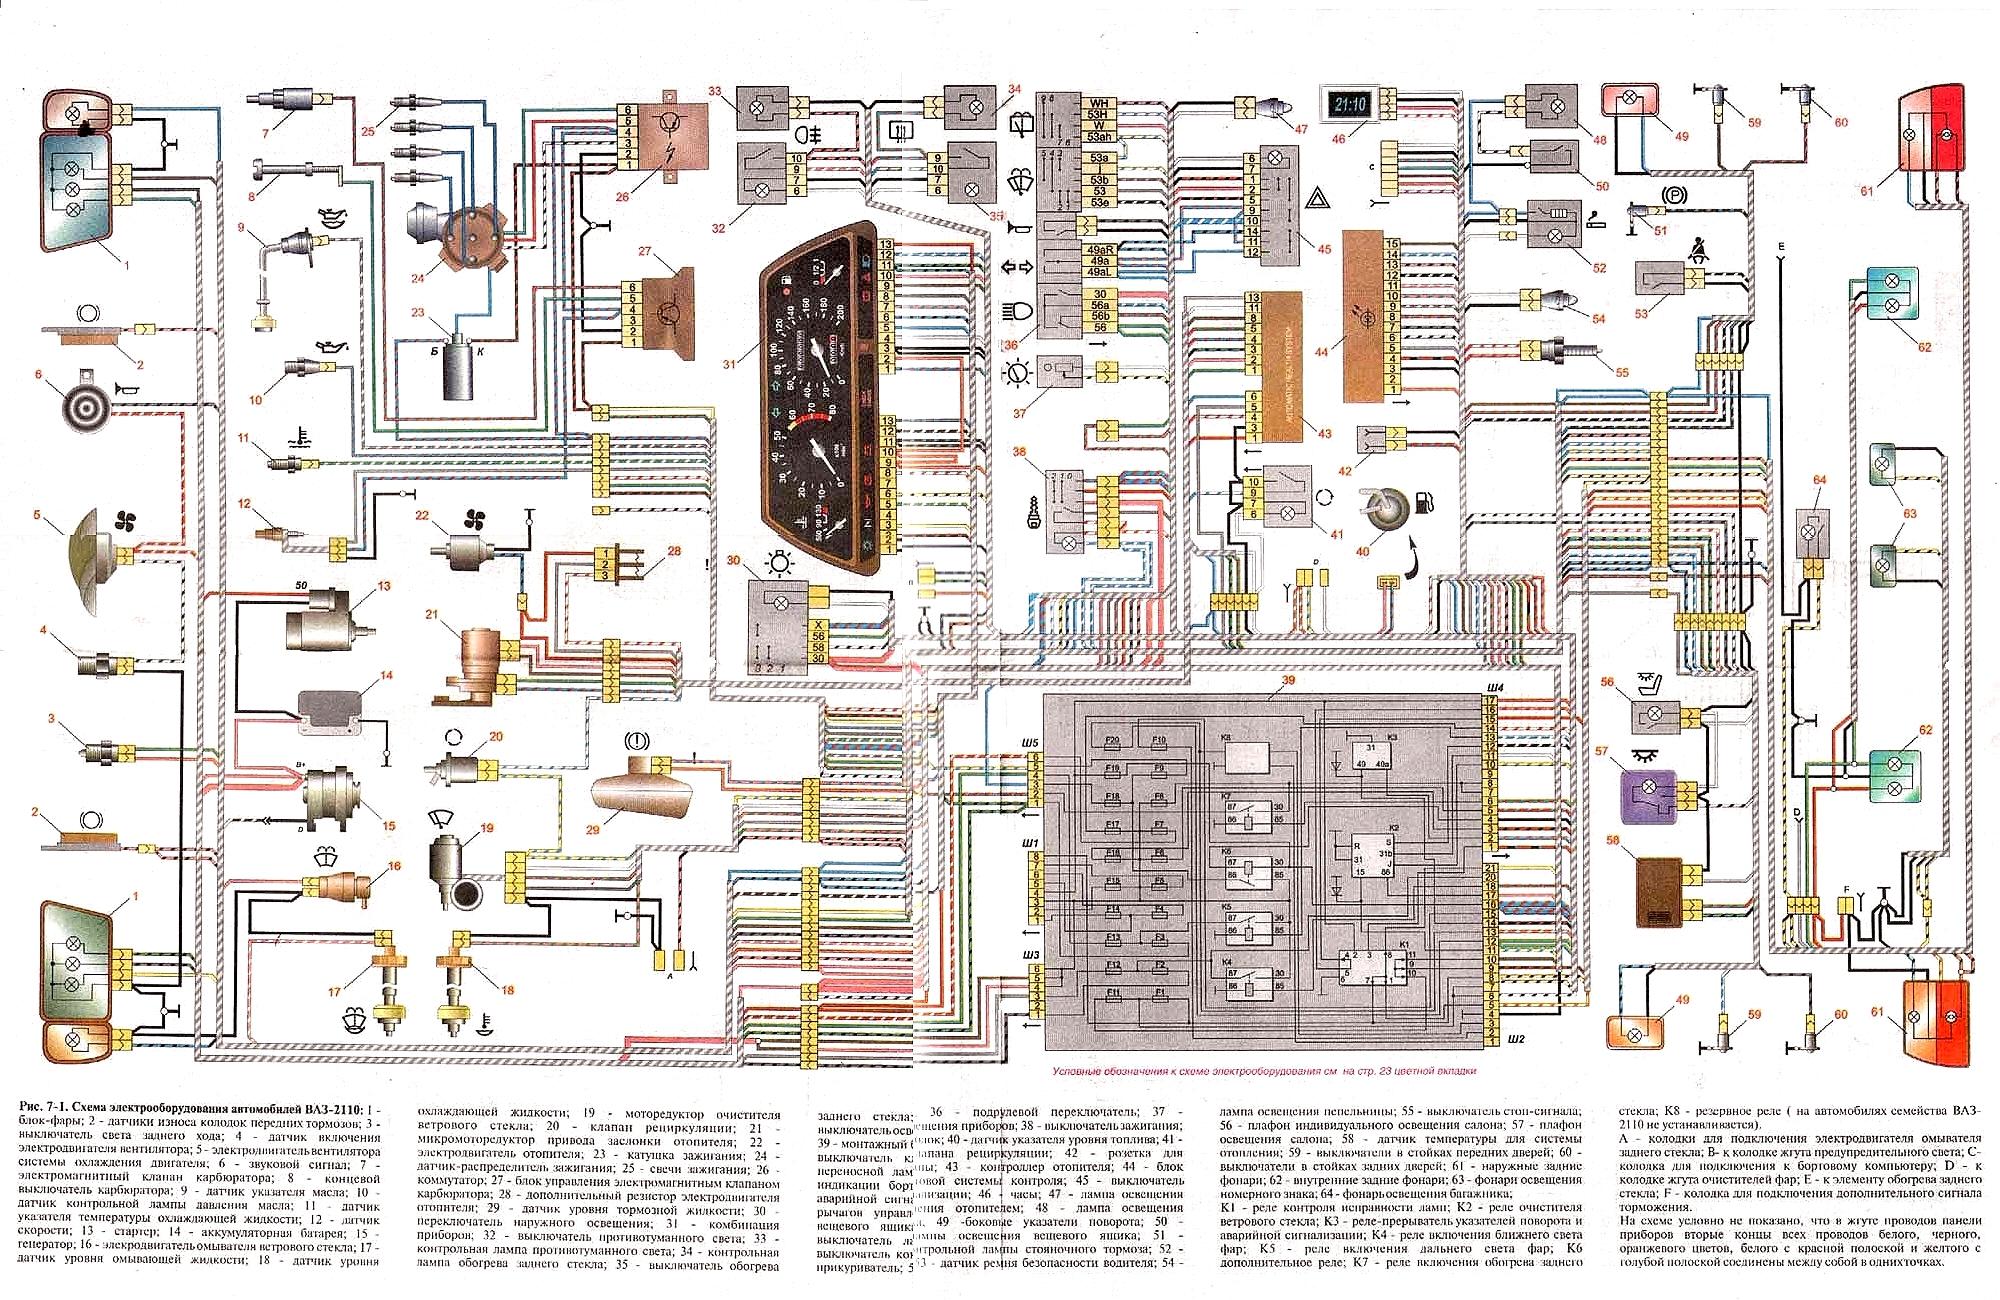 Фото №20 - схема электропроводки ВАЗ 2110